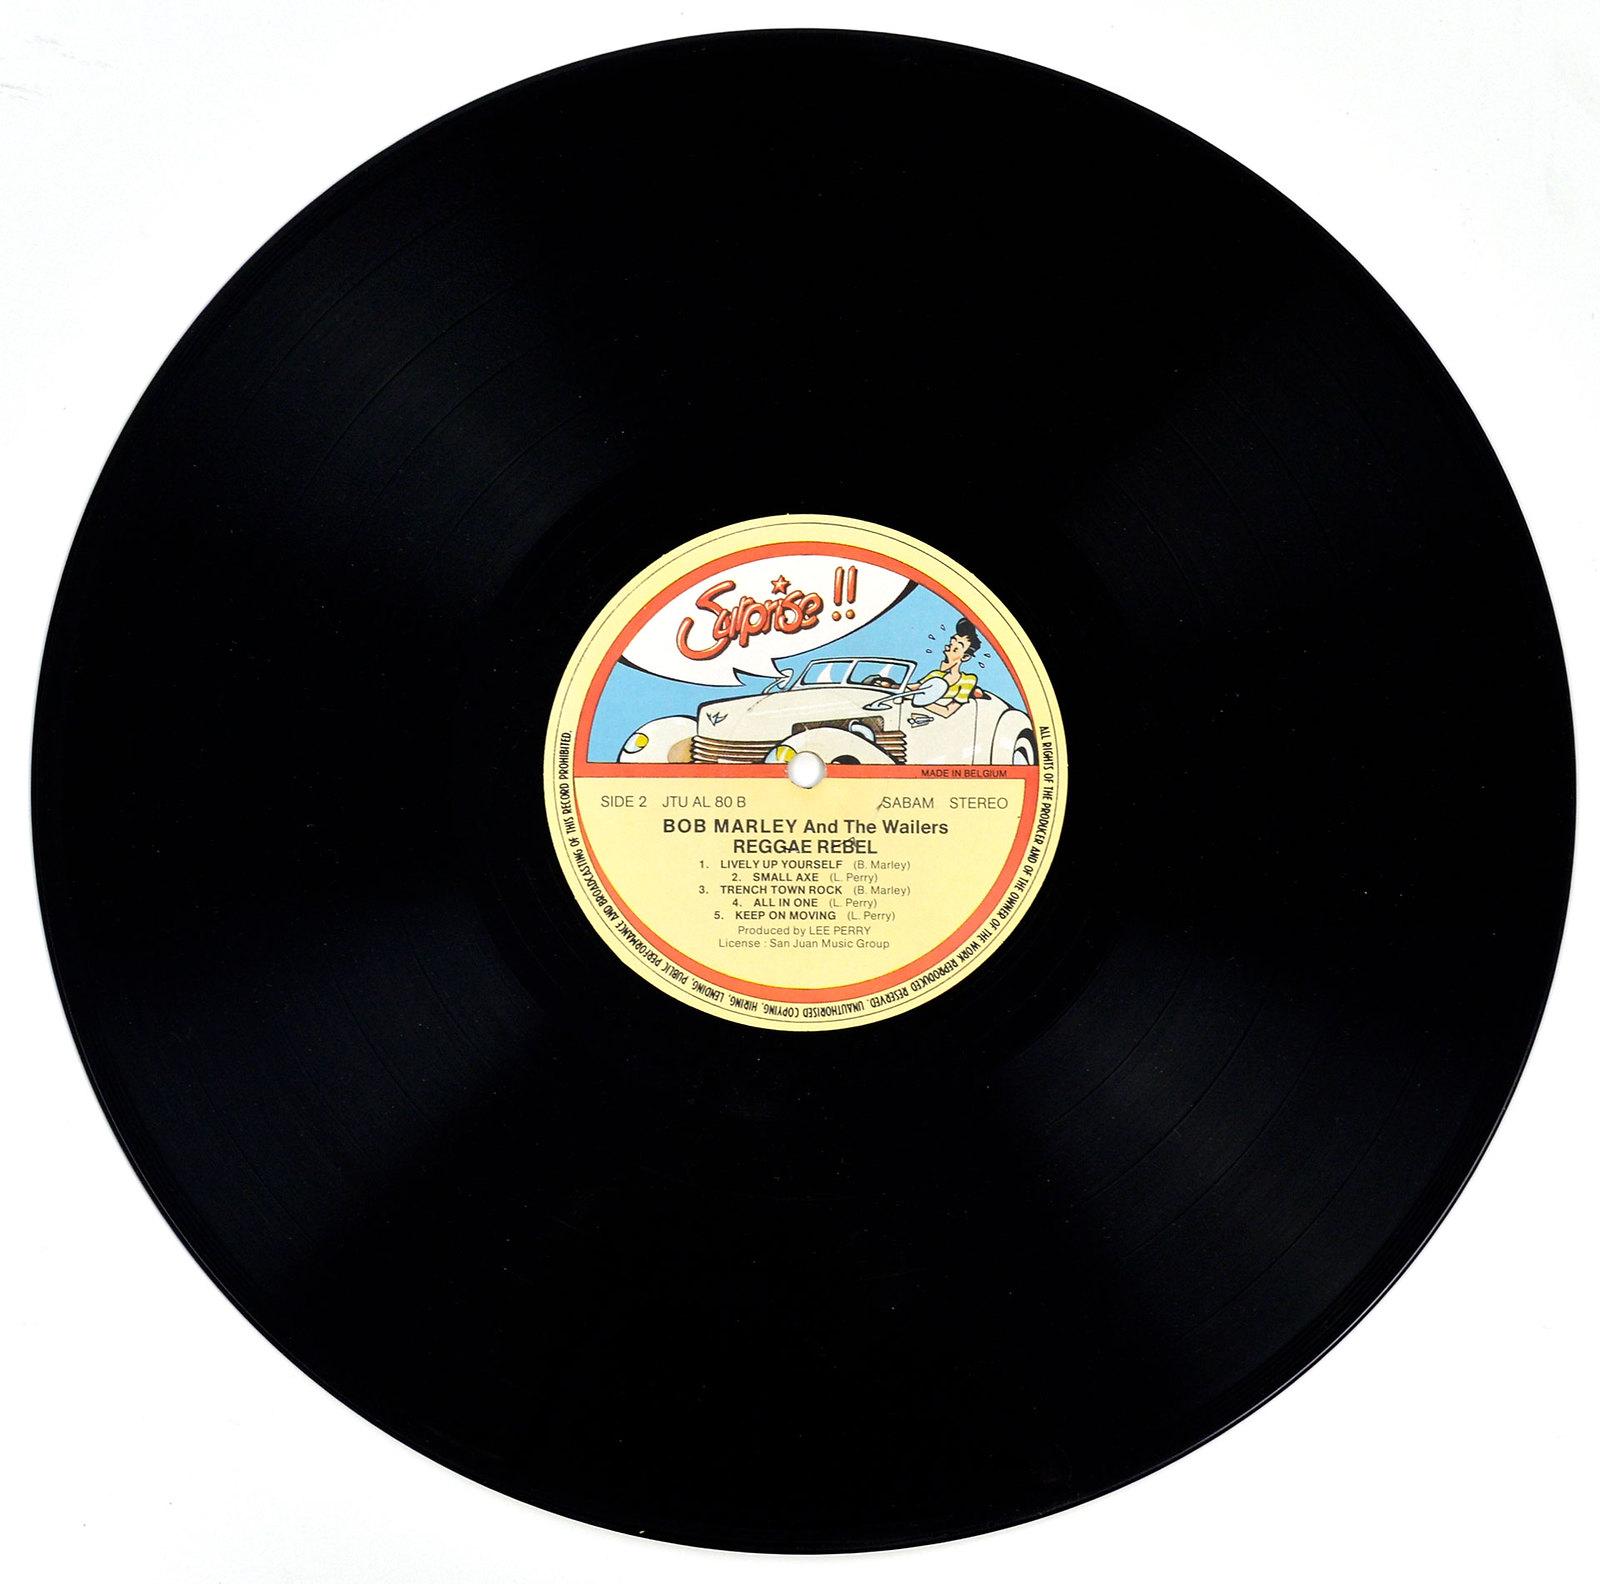 A0670 BOB MARLEY and the Wailers Reggae Rebel